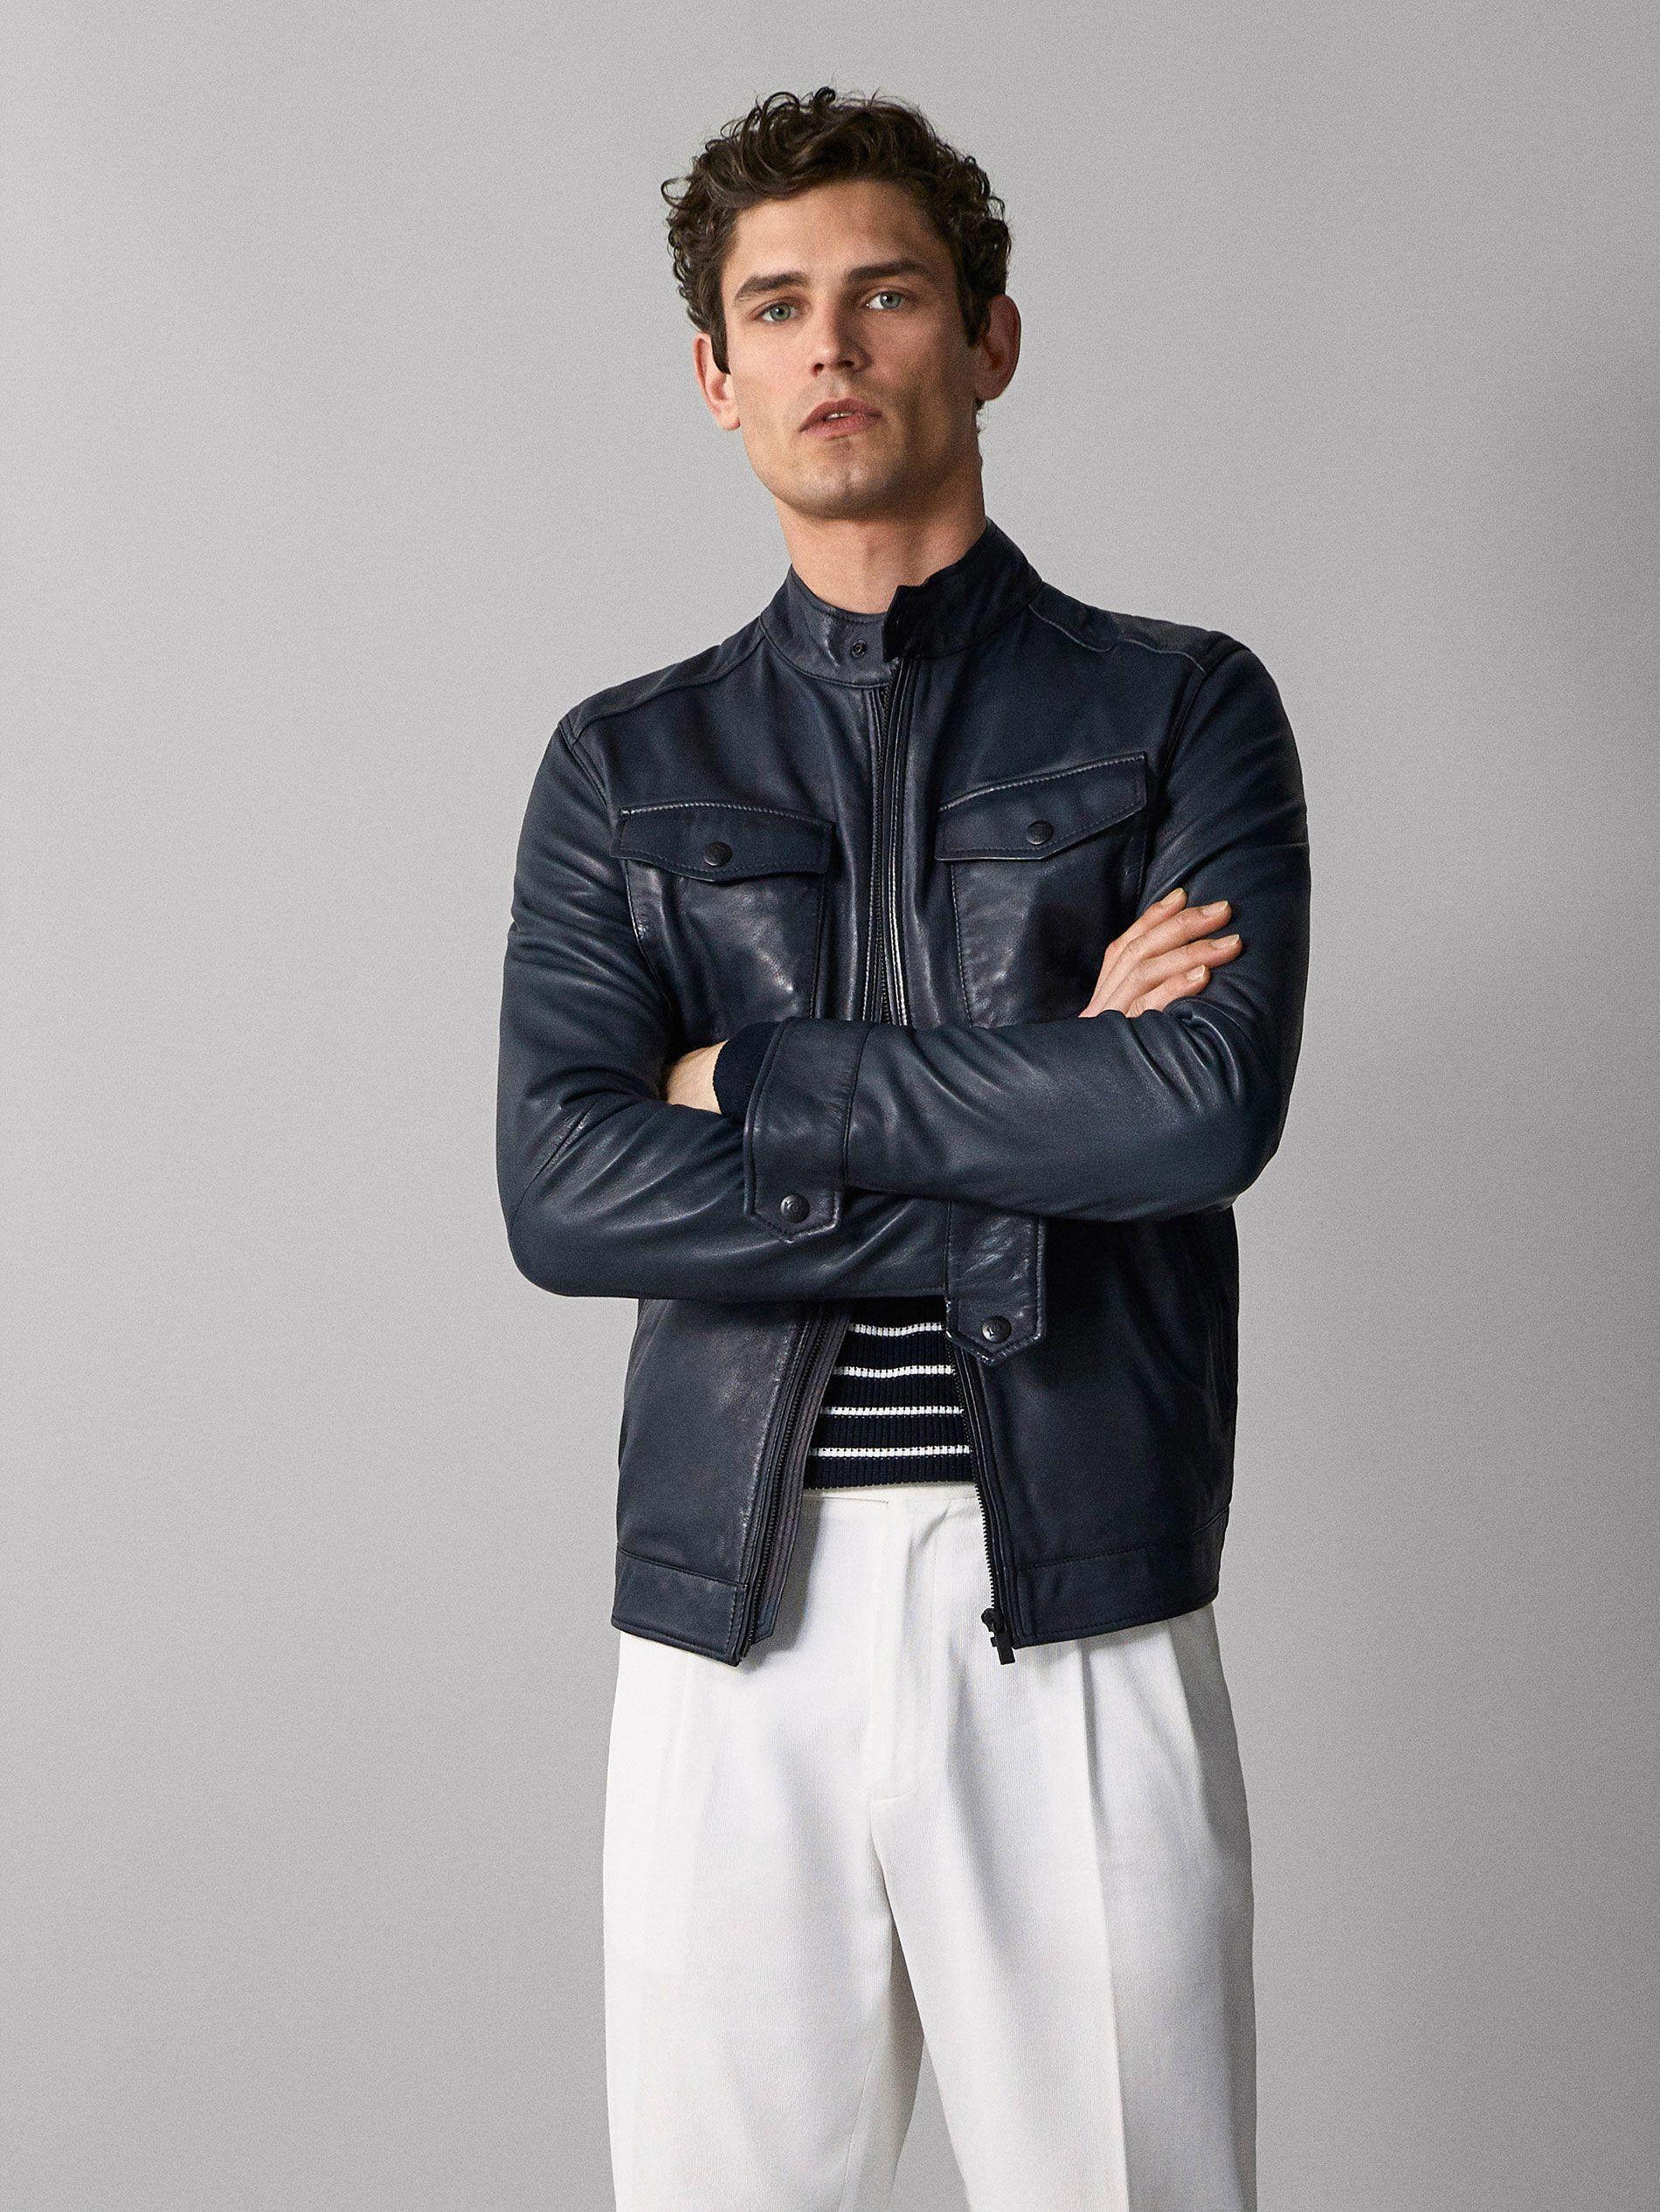 Navy Blue Nappa Jacket With Pockets Men Massimo Dutti Leatherjacketsformengrey Jackets Leather Jacket Men Leather Jacket [ 2532 x 1900 Pixel ]